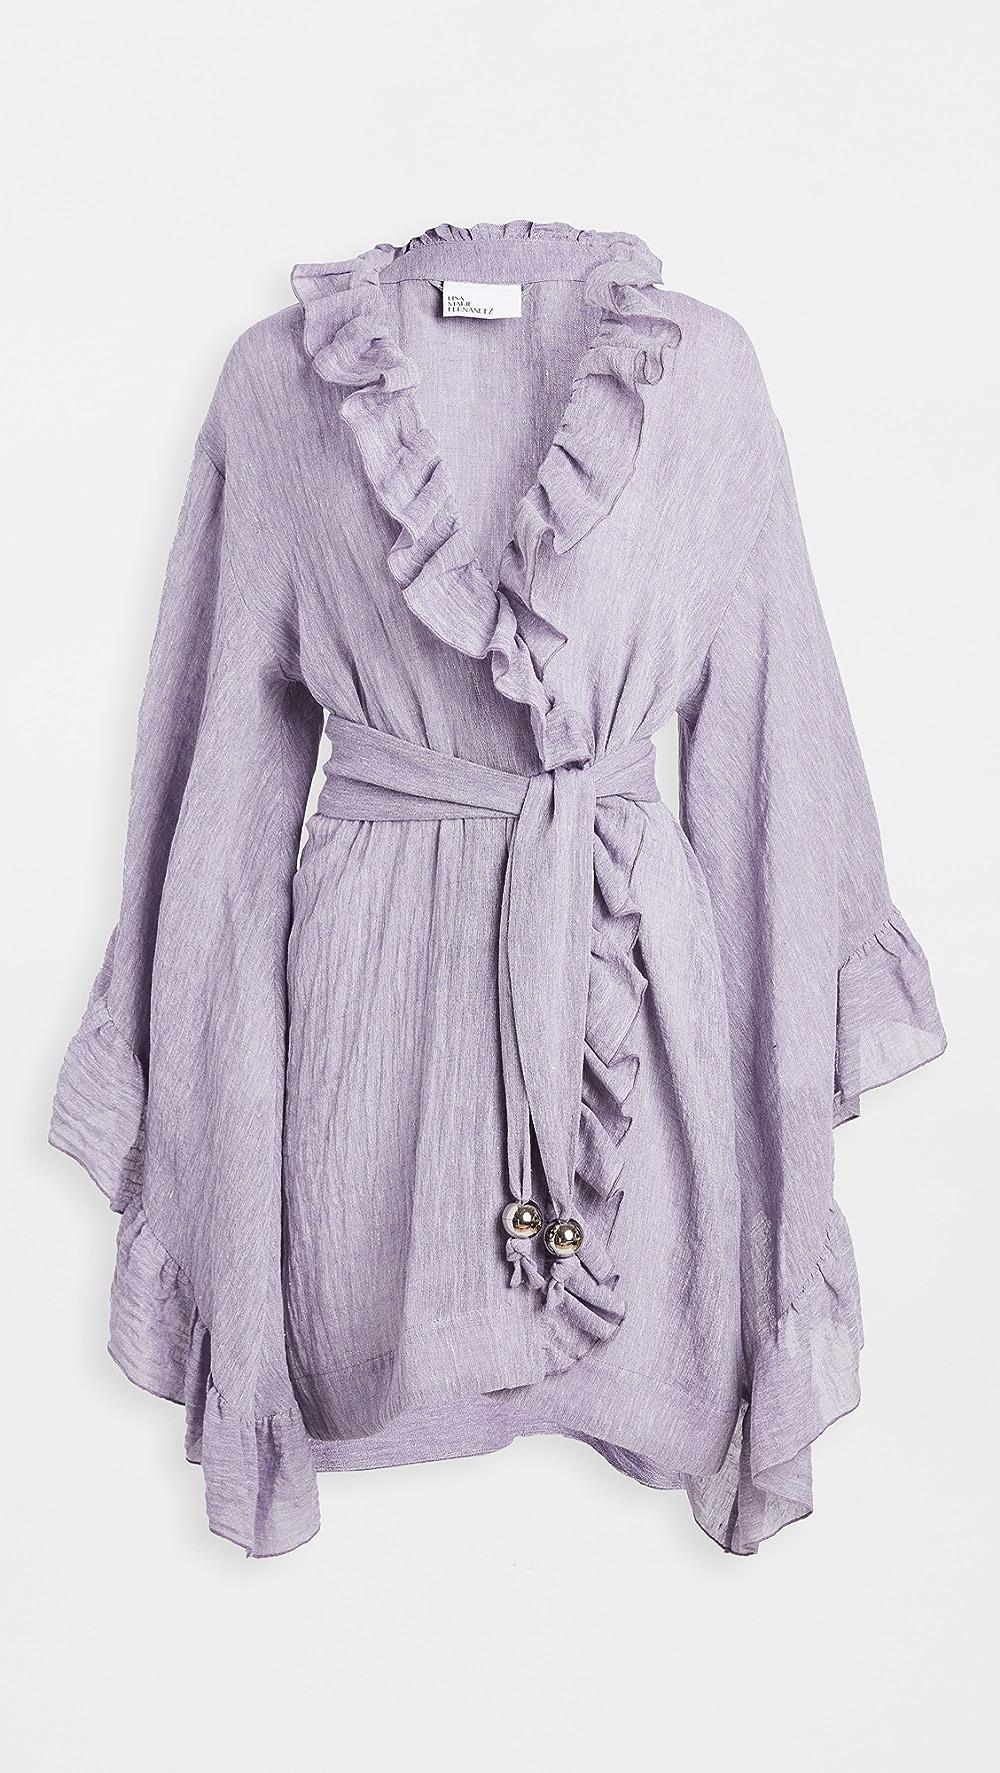 100% True Lisa Marie Fernandez - Anita Robe Easy To Lubricate